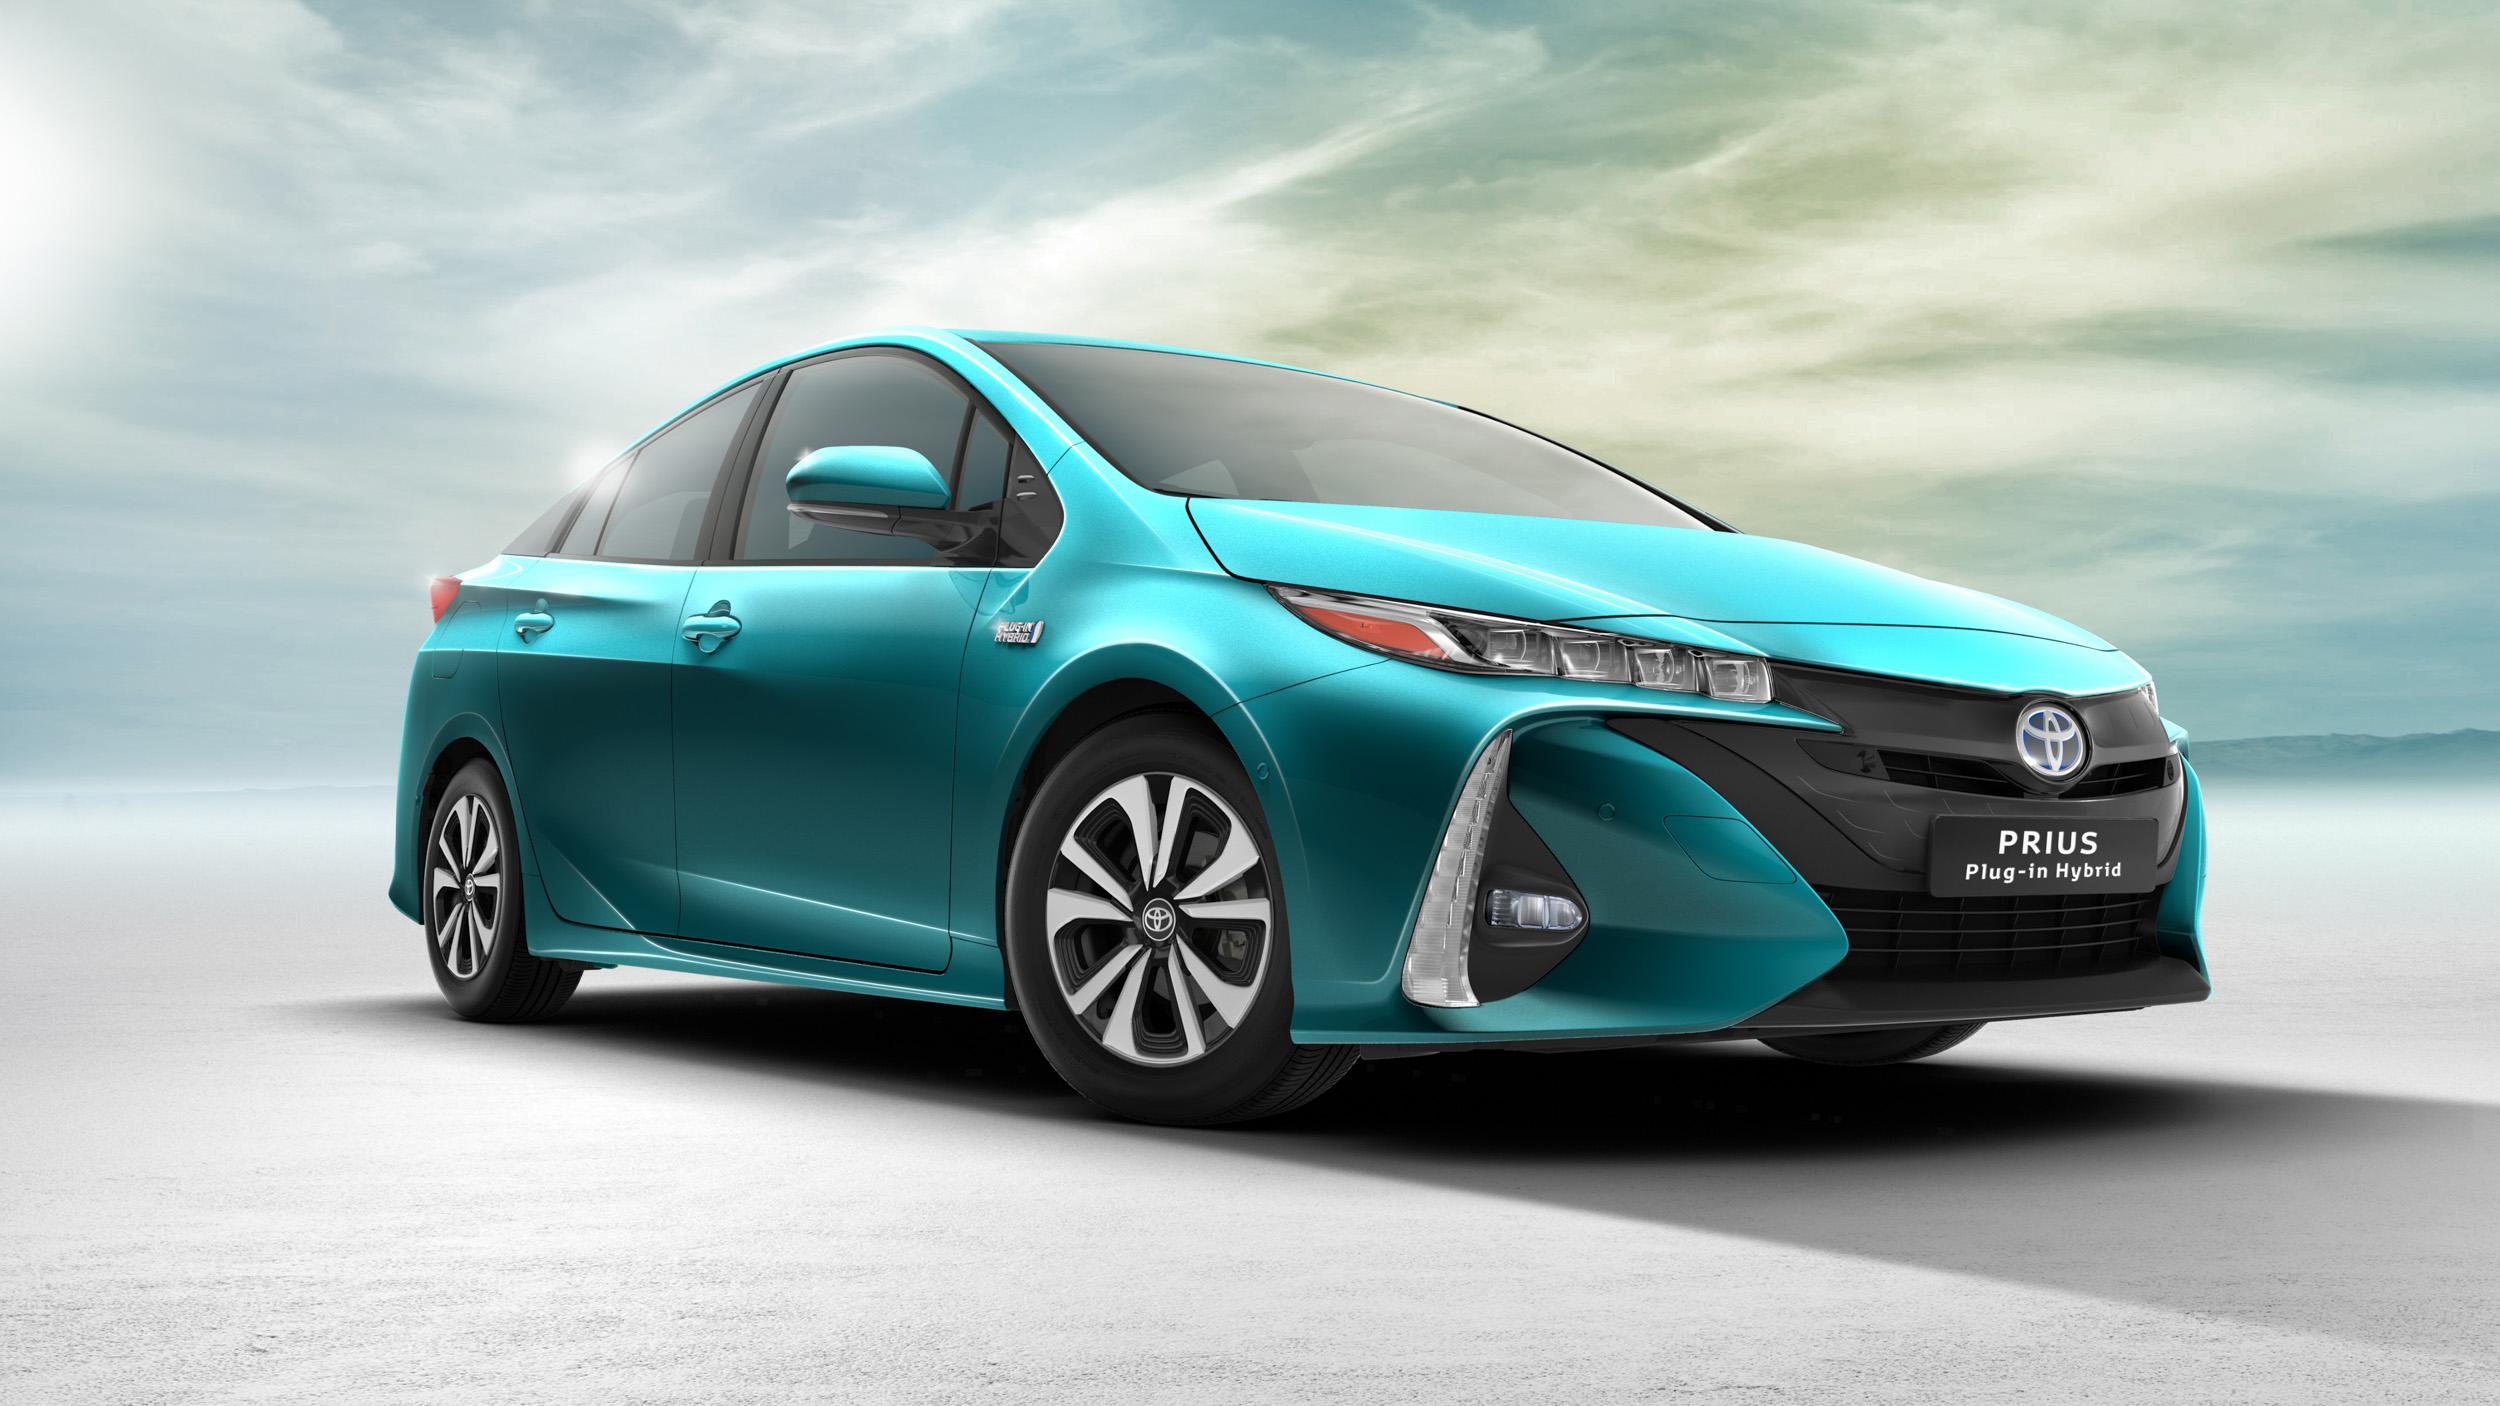 Toyota'nın Avrupa'daki Hibrit Araç Satışları Geçen Yıla Oranla Yüzde 45 Arttı